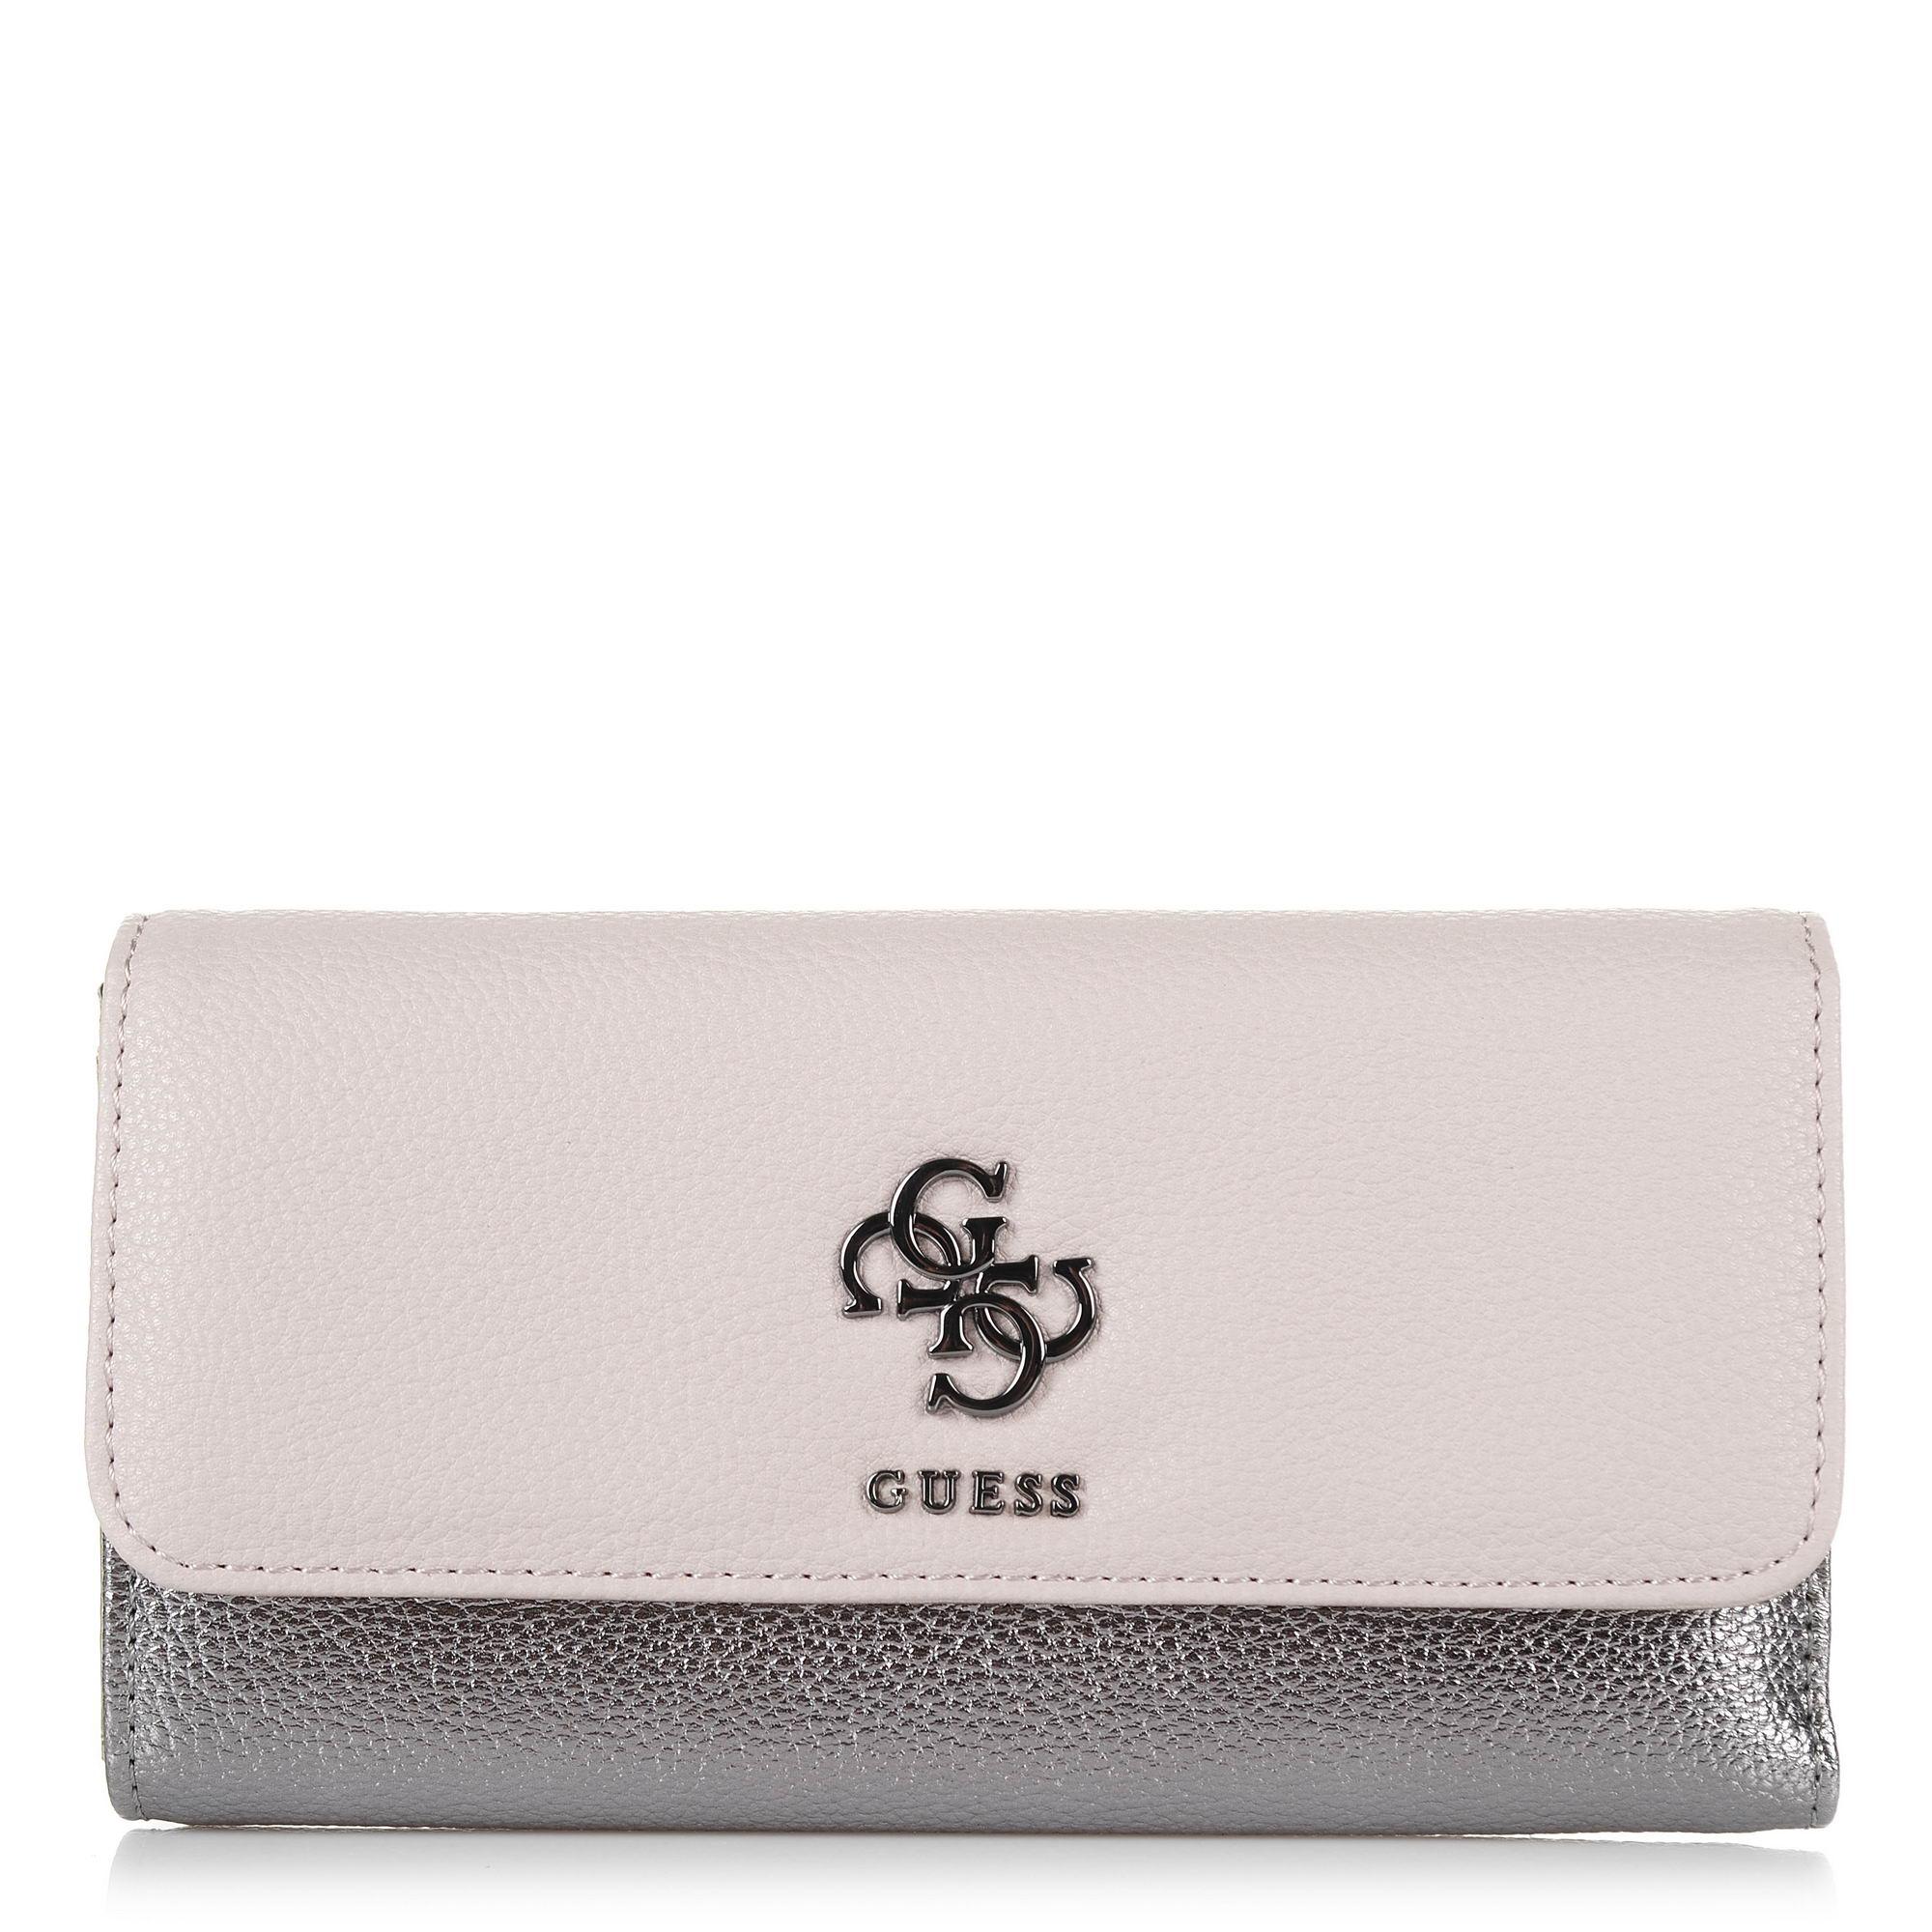 Πορτοφόλι Guess Digital SLG SM685365